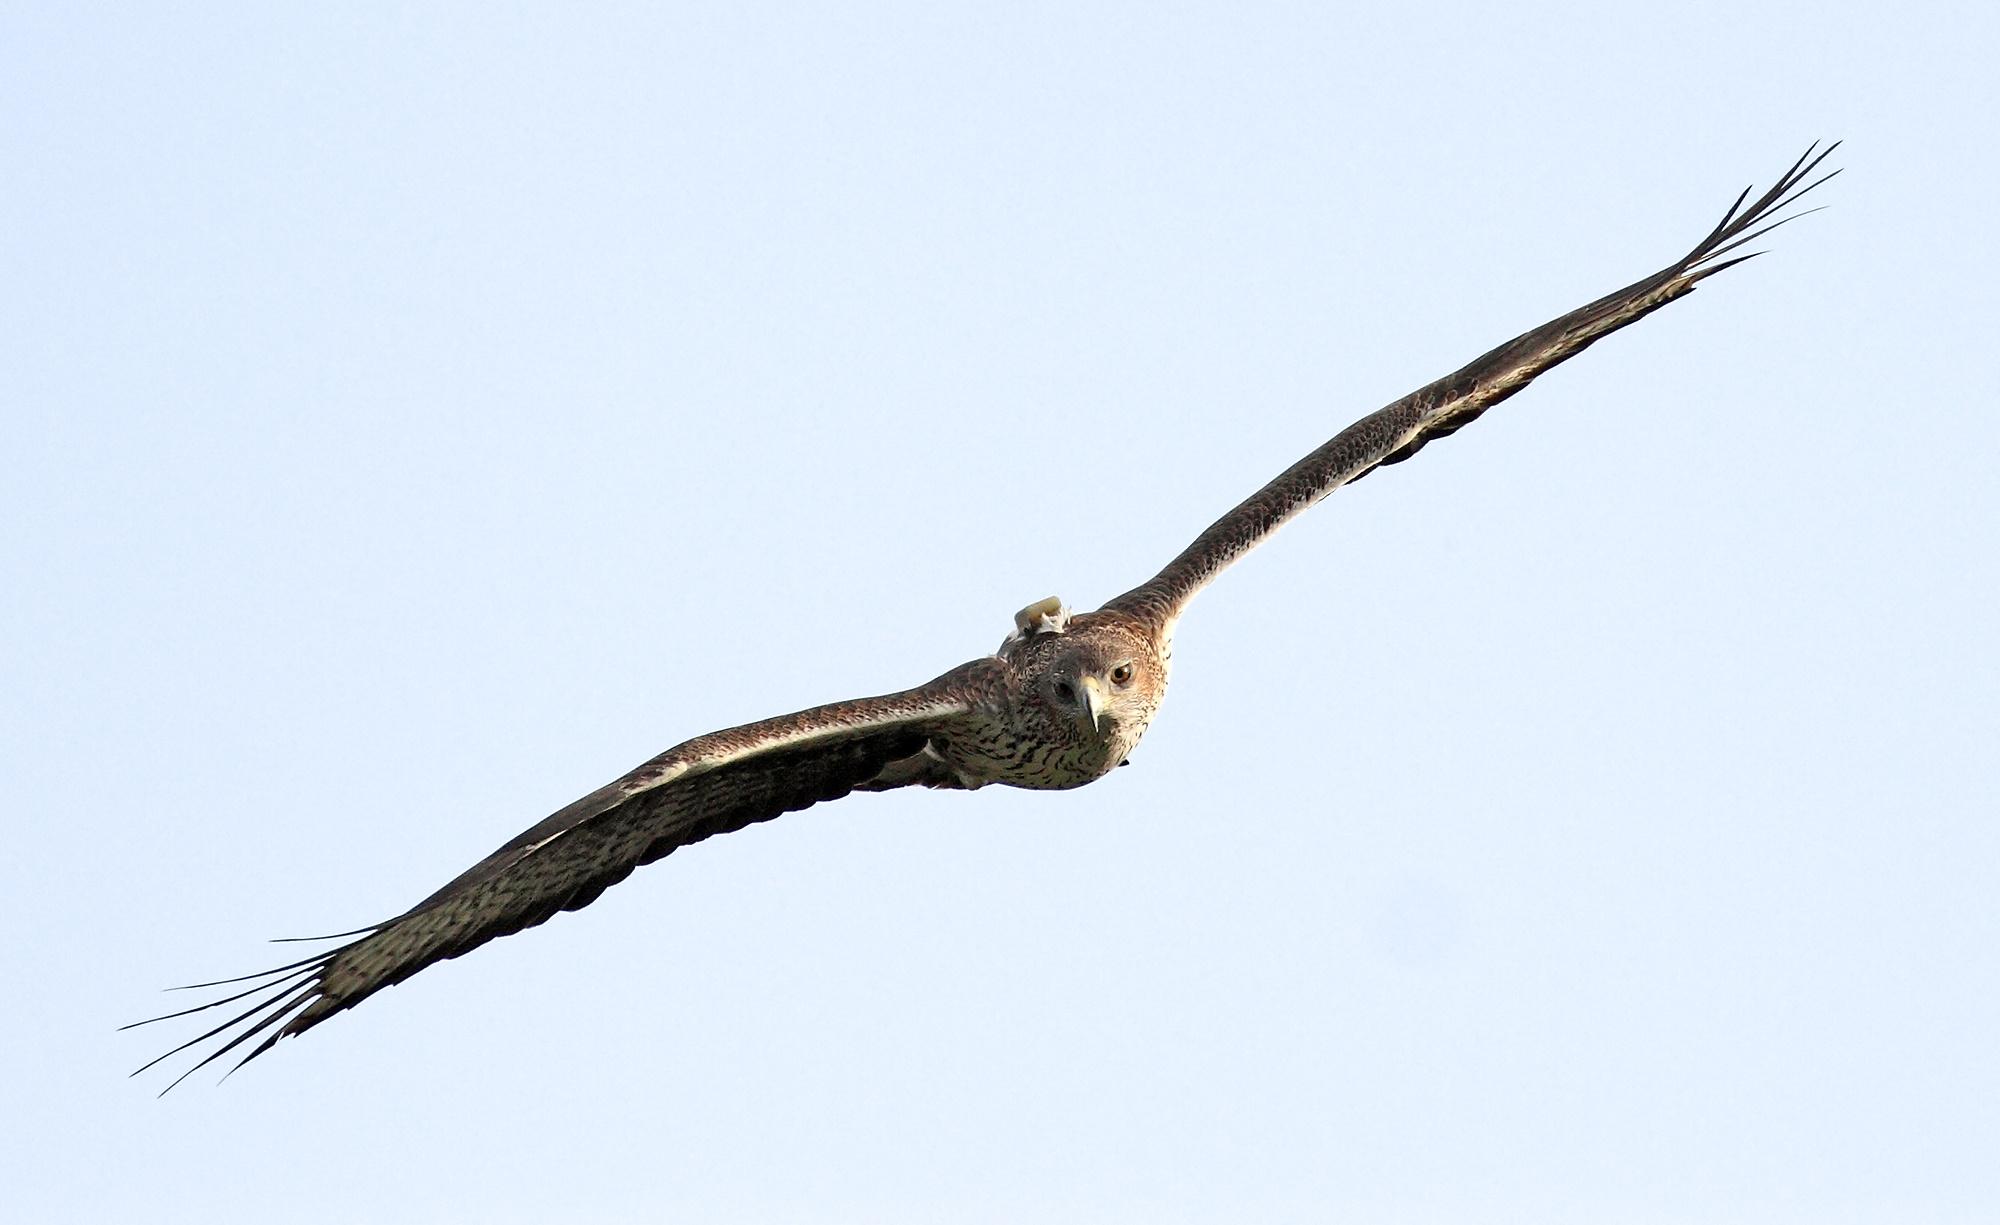 Águila de Bonelli con un emisor GPS adosado a la espalda. Imagen: Sergio de la Fuente / Grefa